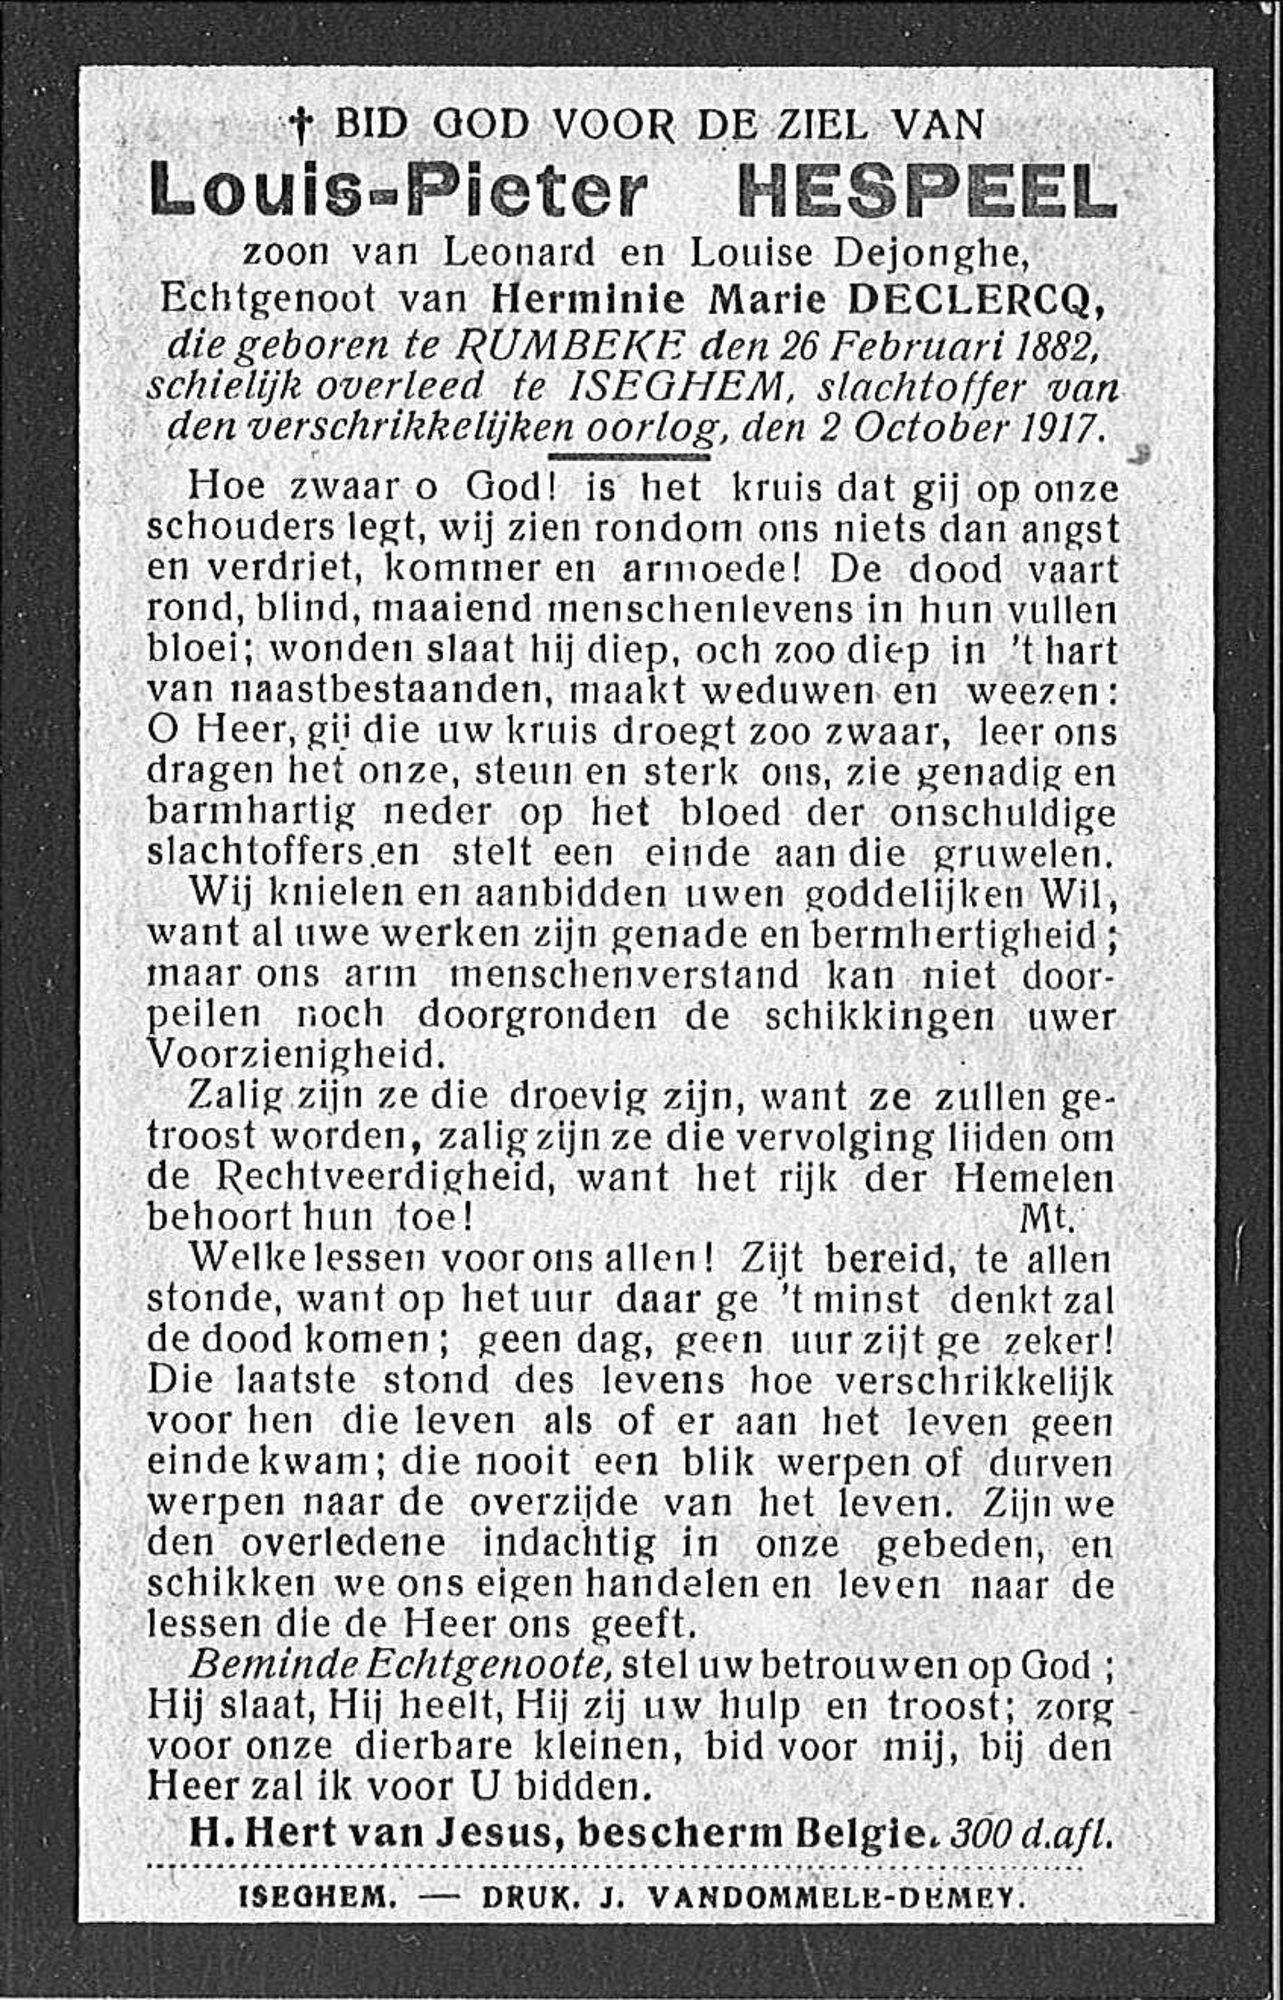 Louis Pieter Hespeel